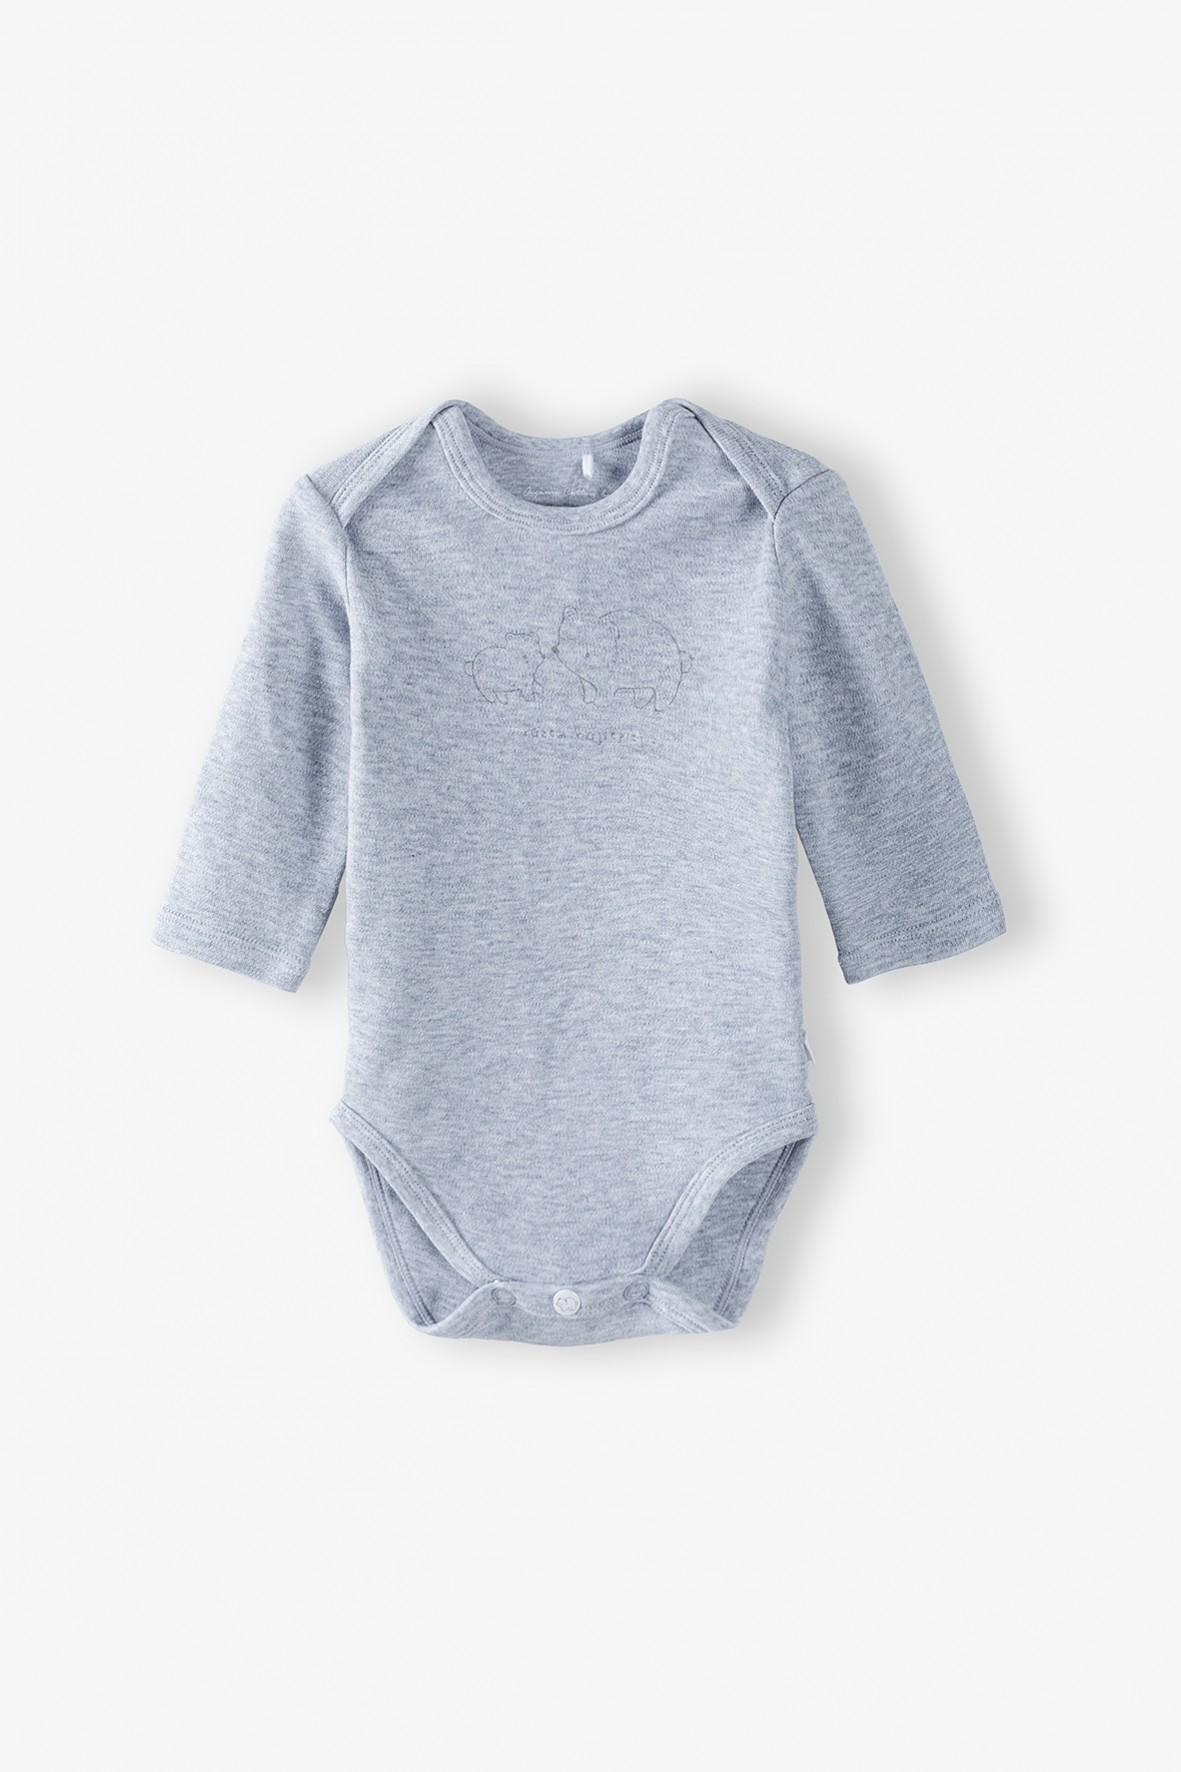 Body z bawełny organicznej - szare z długim rękawem